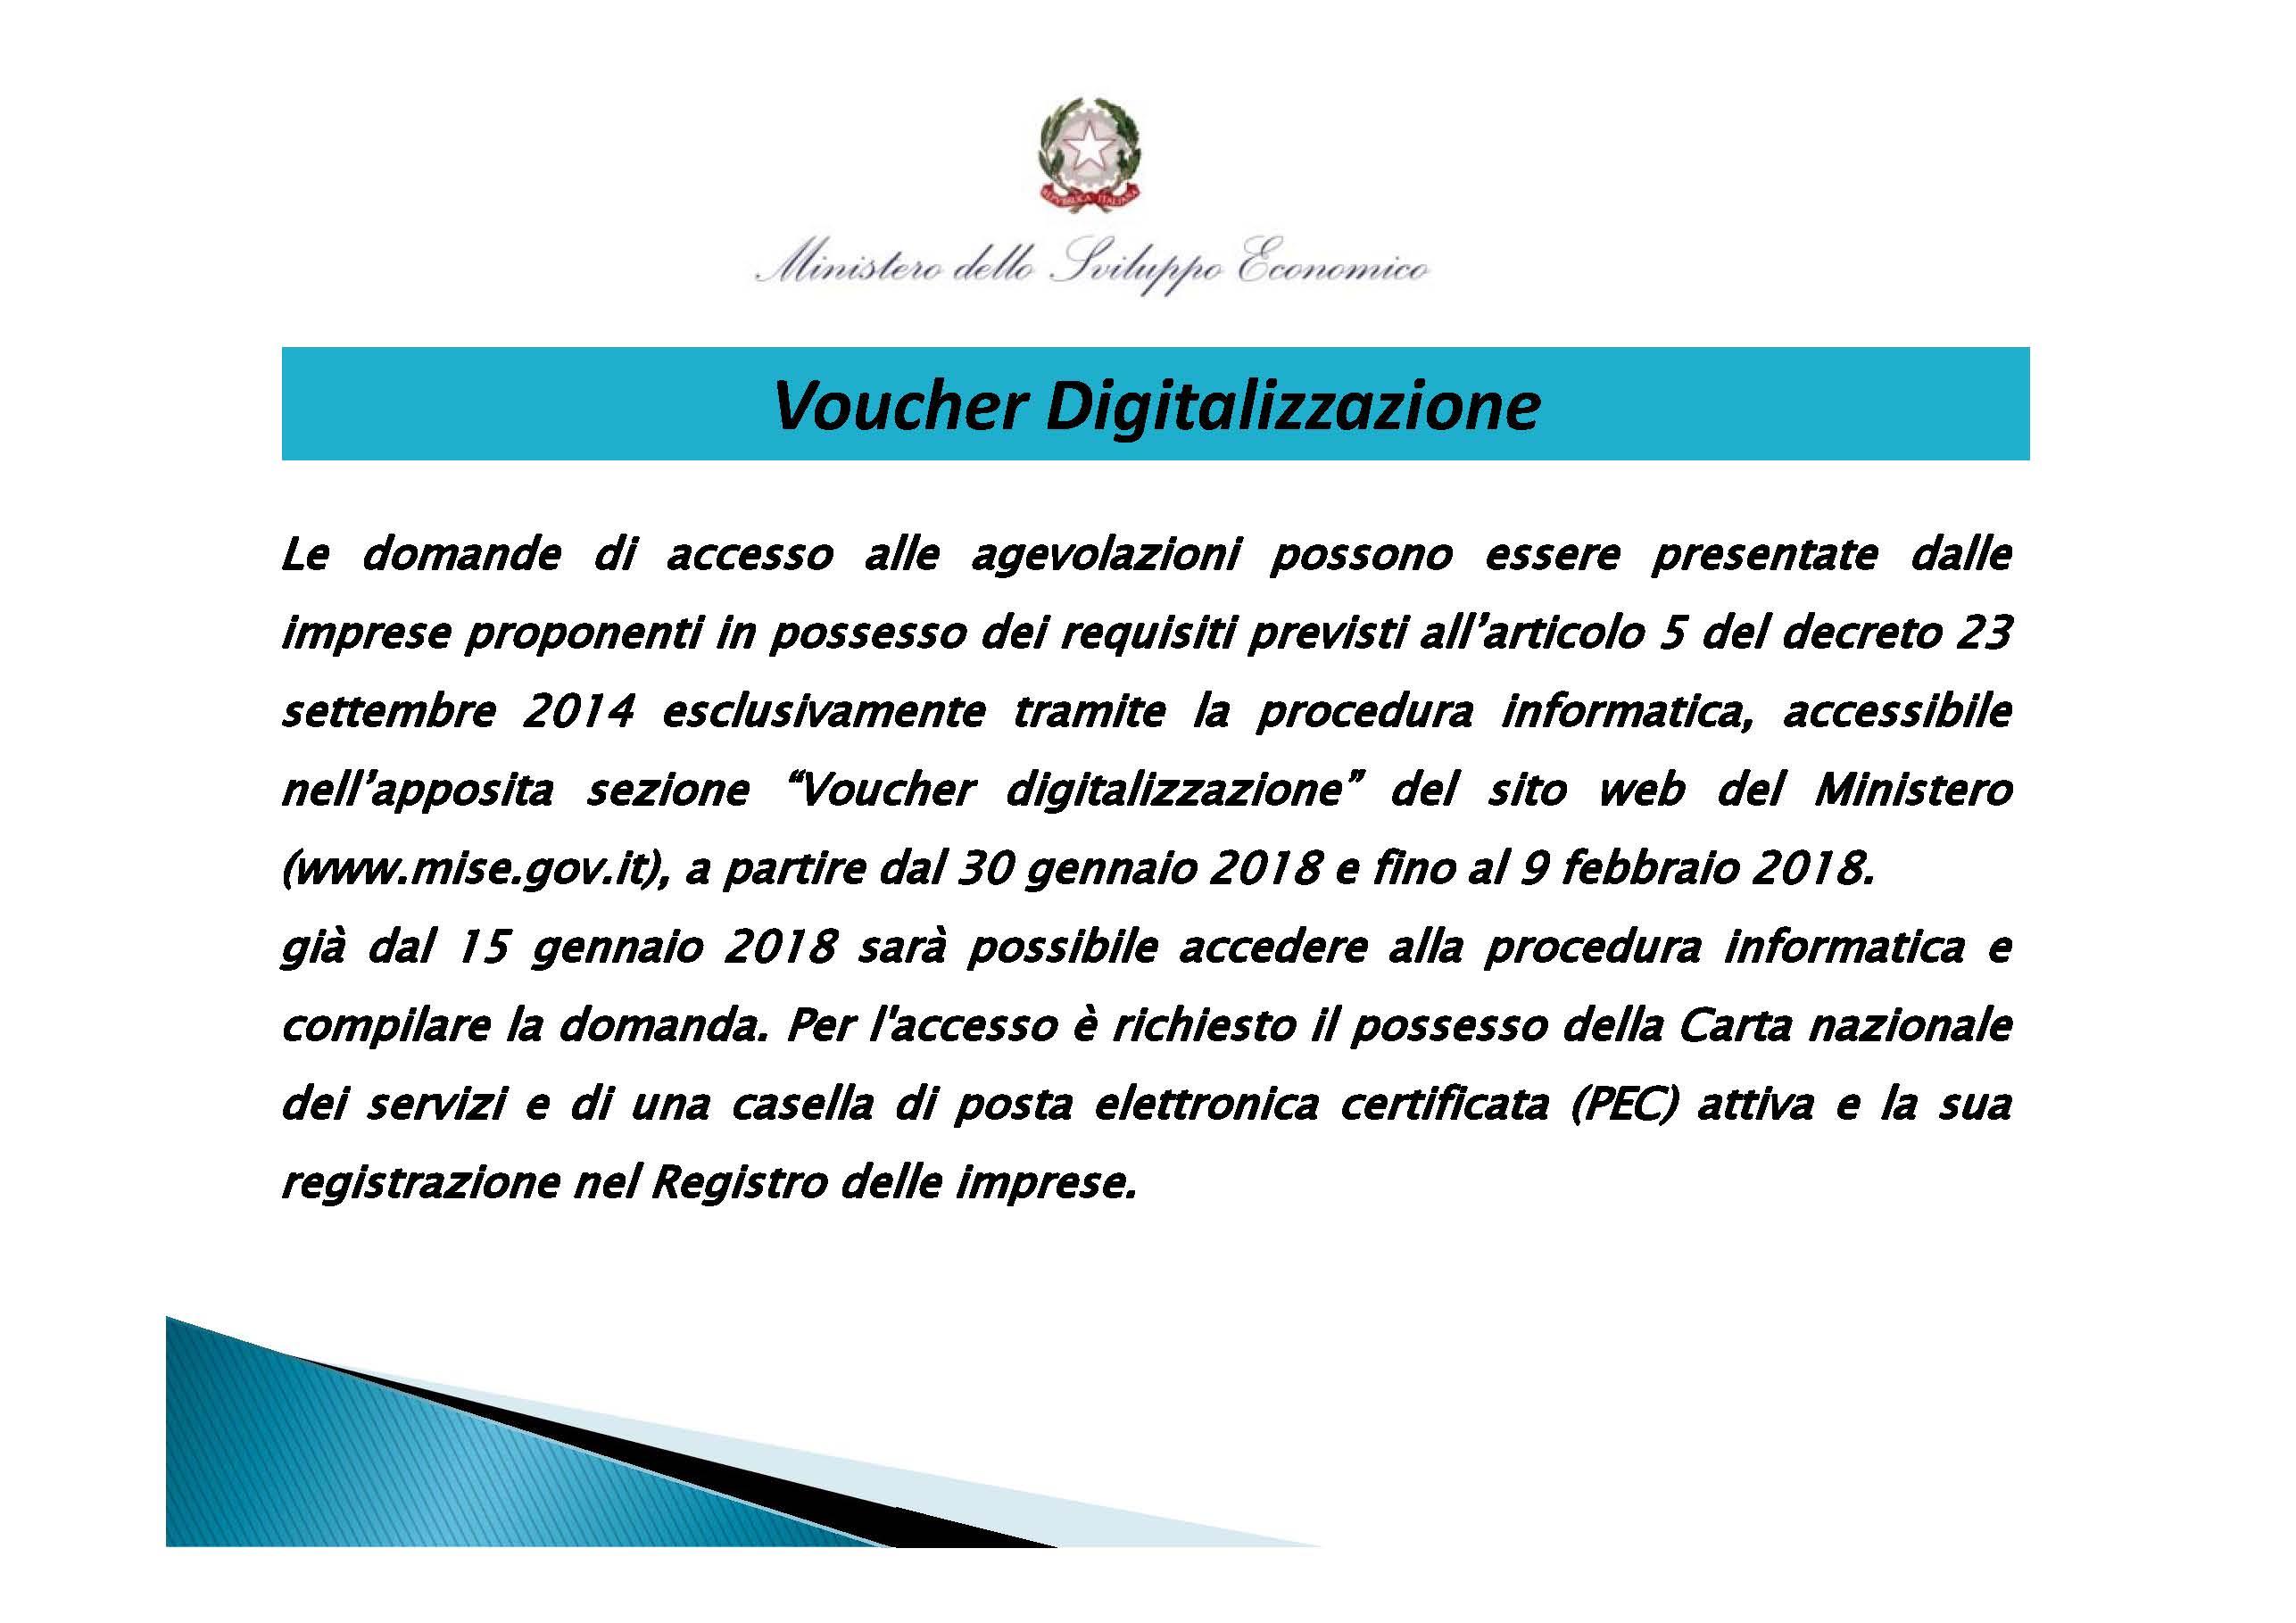 voucher-digitalizzazione-slide-bandoni_pagina_08